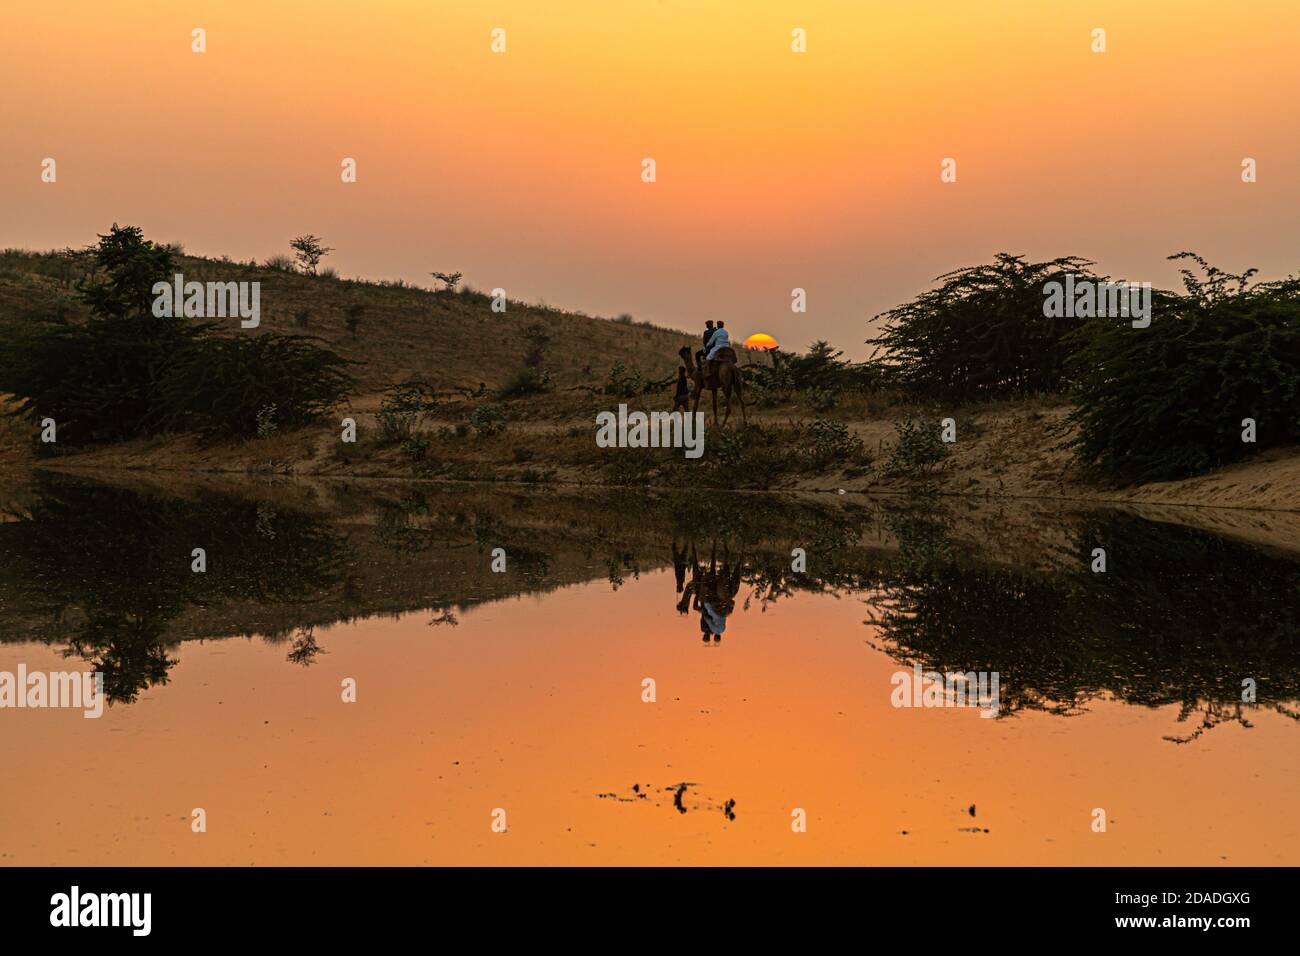 vista del bellissimo tramonto e il riflesso del cammello nello stagno. Foto Stock